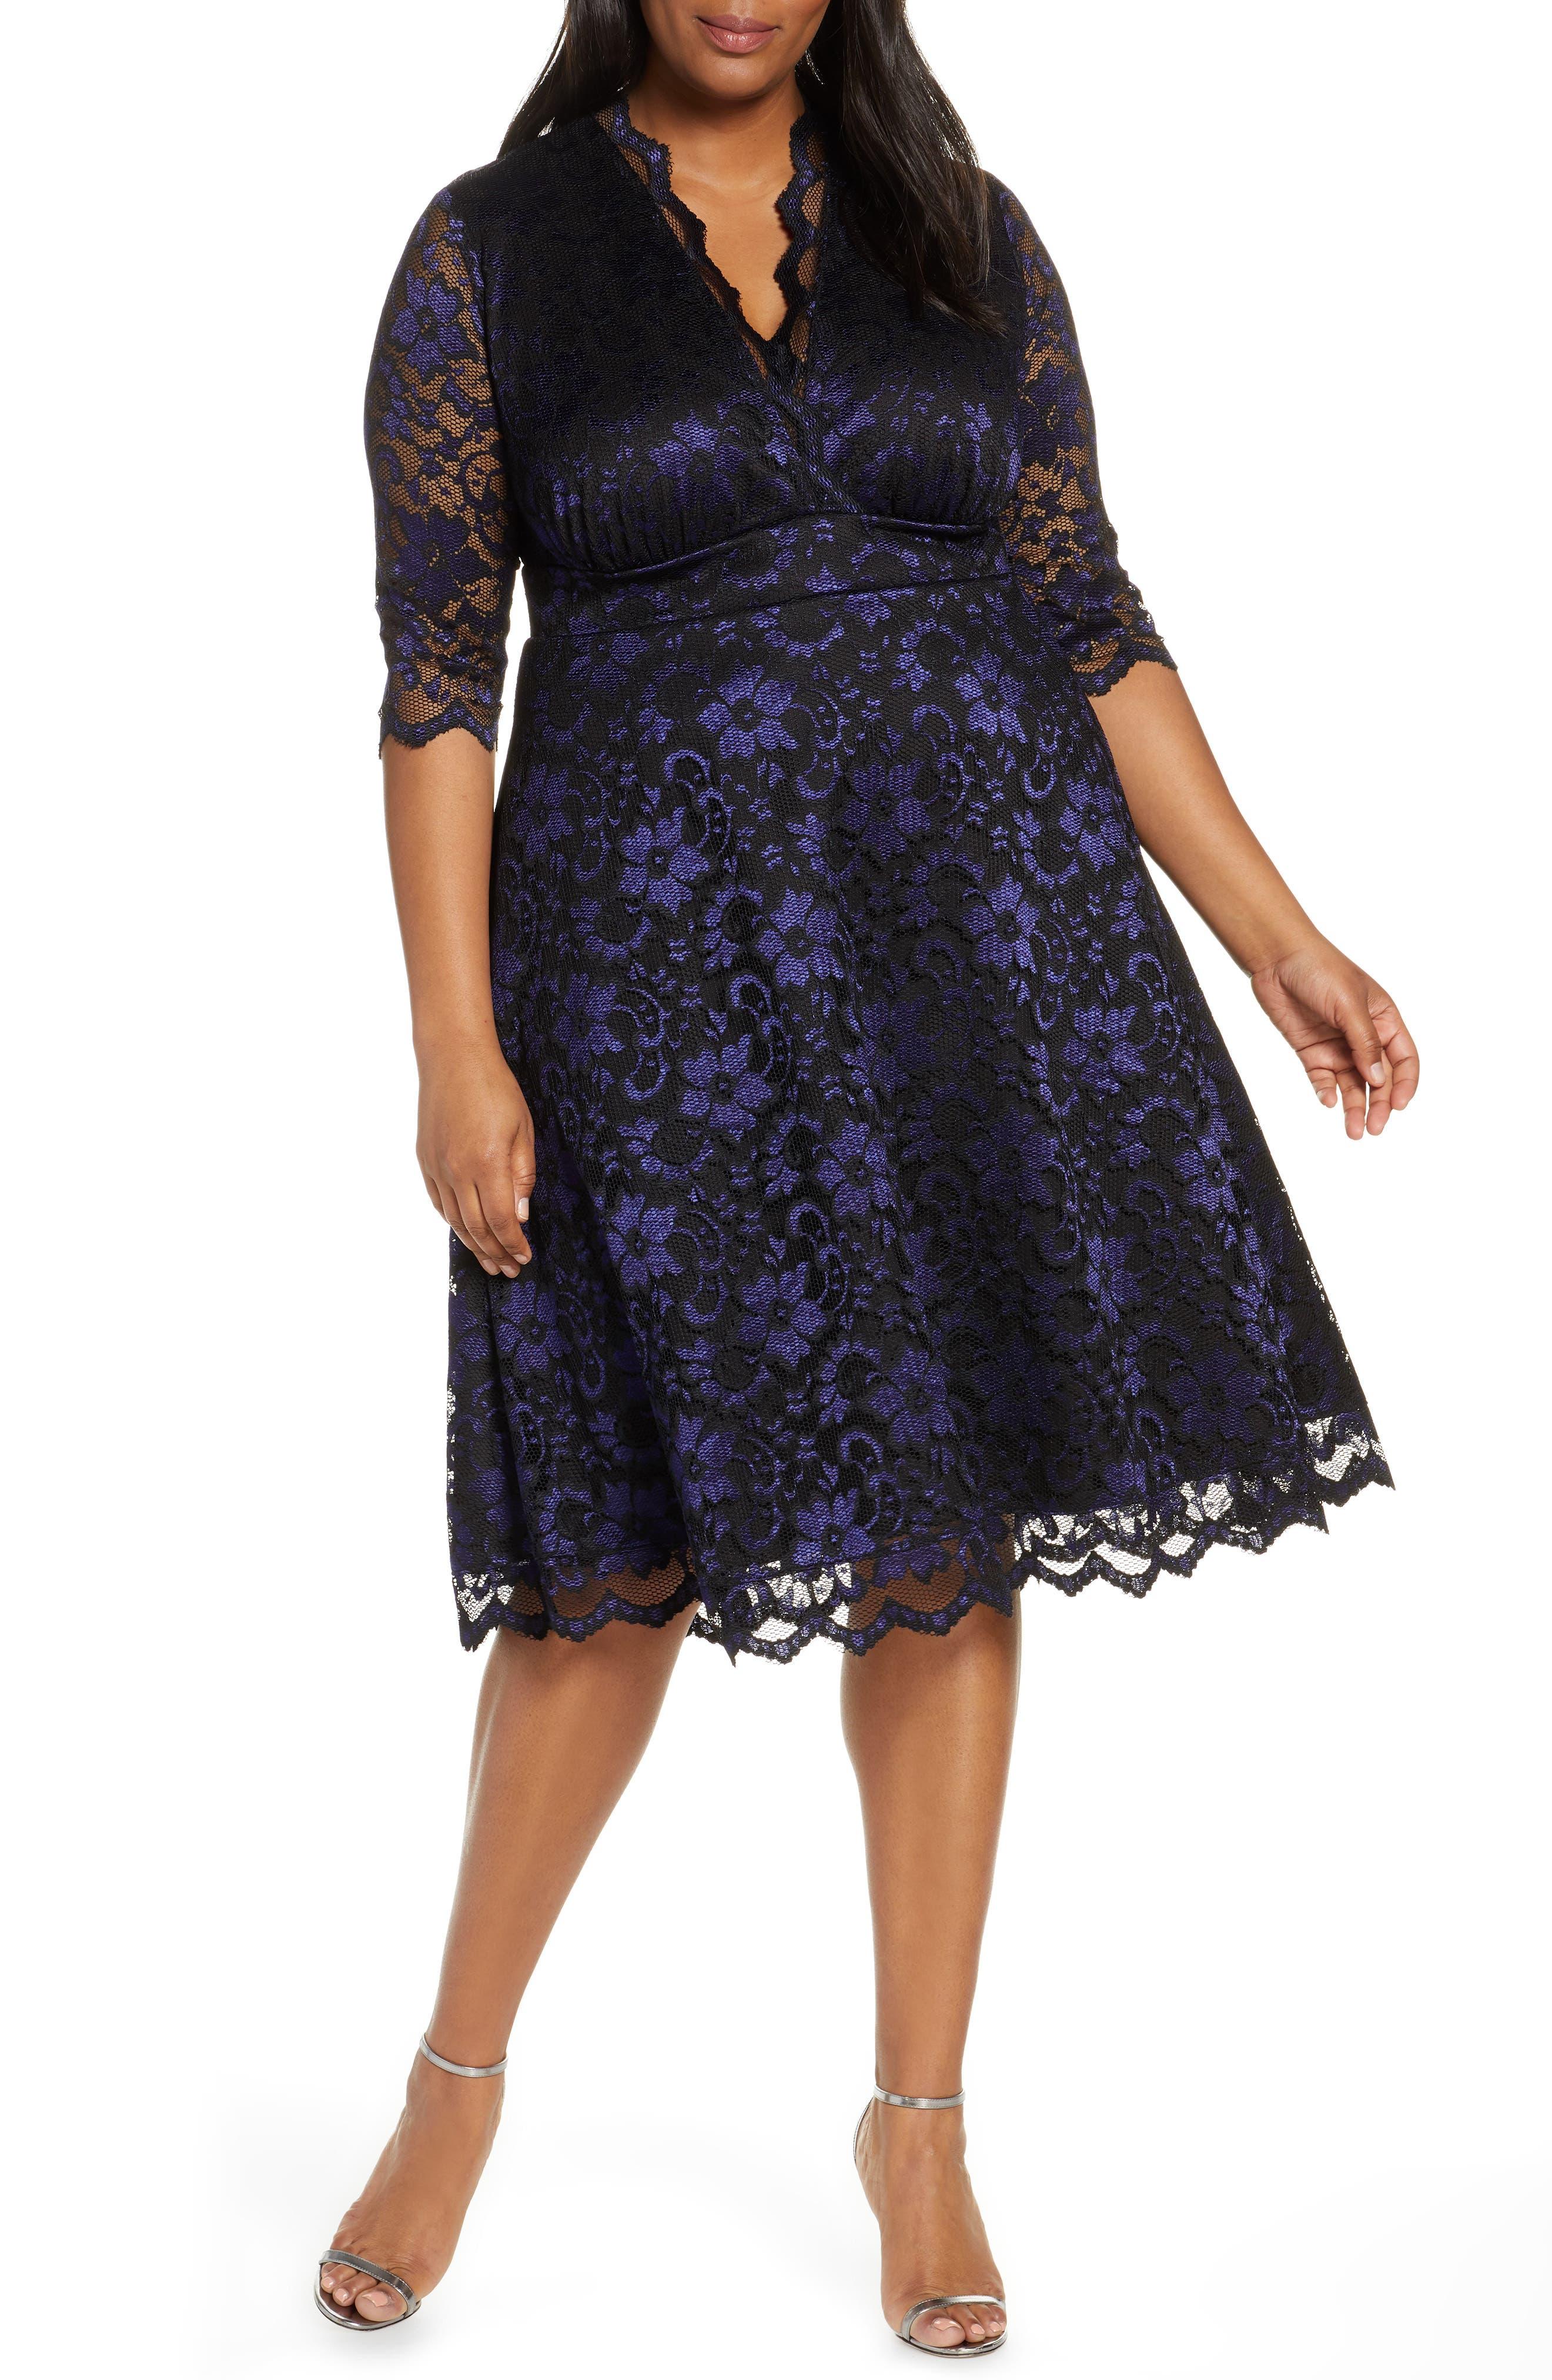 1950s Plus Size Dresses, Swing Dresses Plus Size Womens Kiyonna Mon Cheri Lace Cocktail Dress Size 5X - Blue $168.00 AT vintagedancer.com